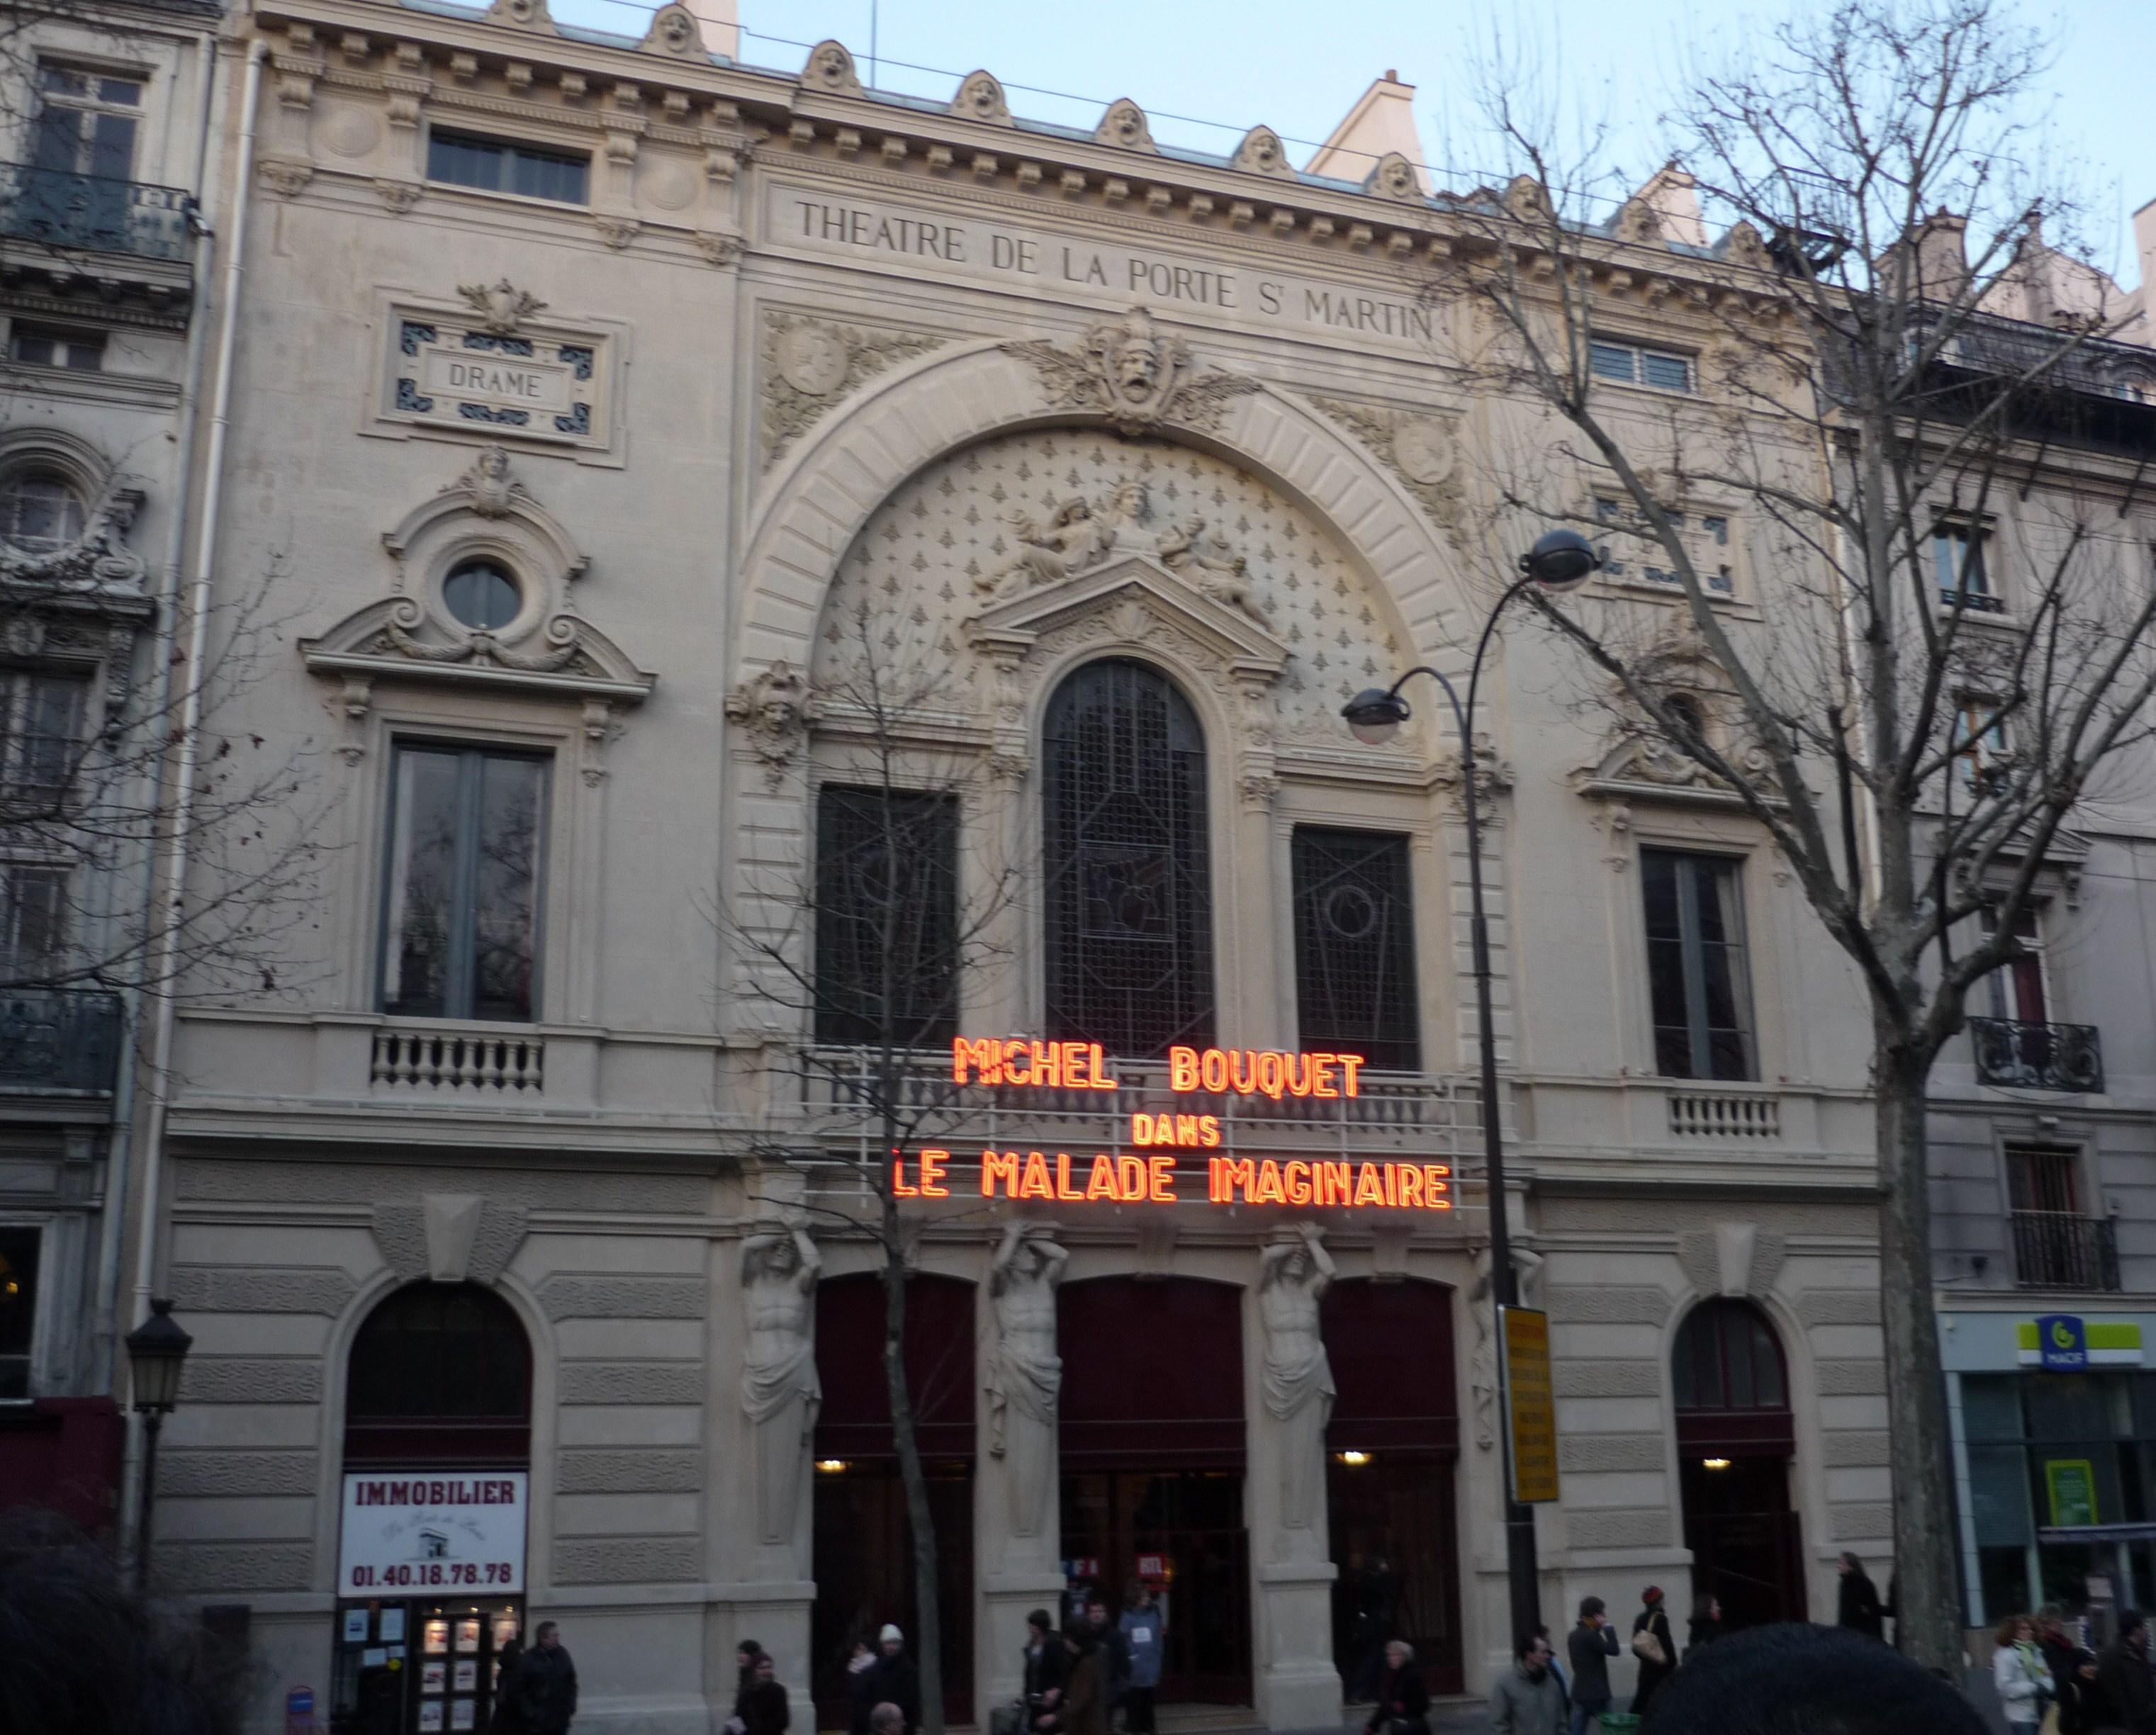 Theatre de la porte saint martin - Theatre porte saint martin ...